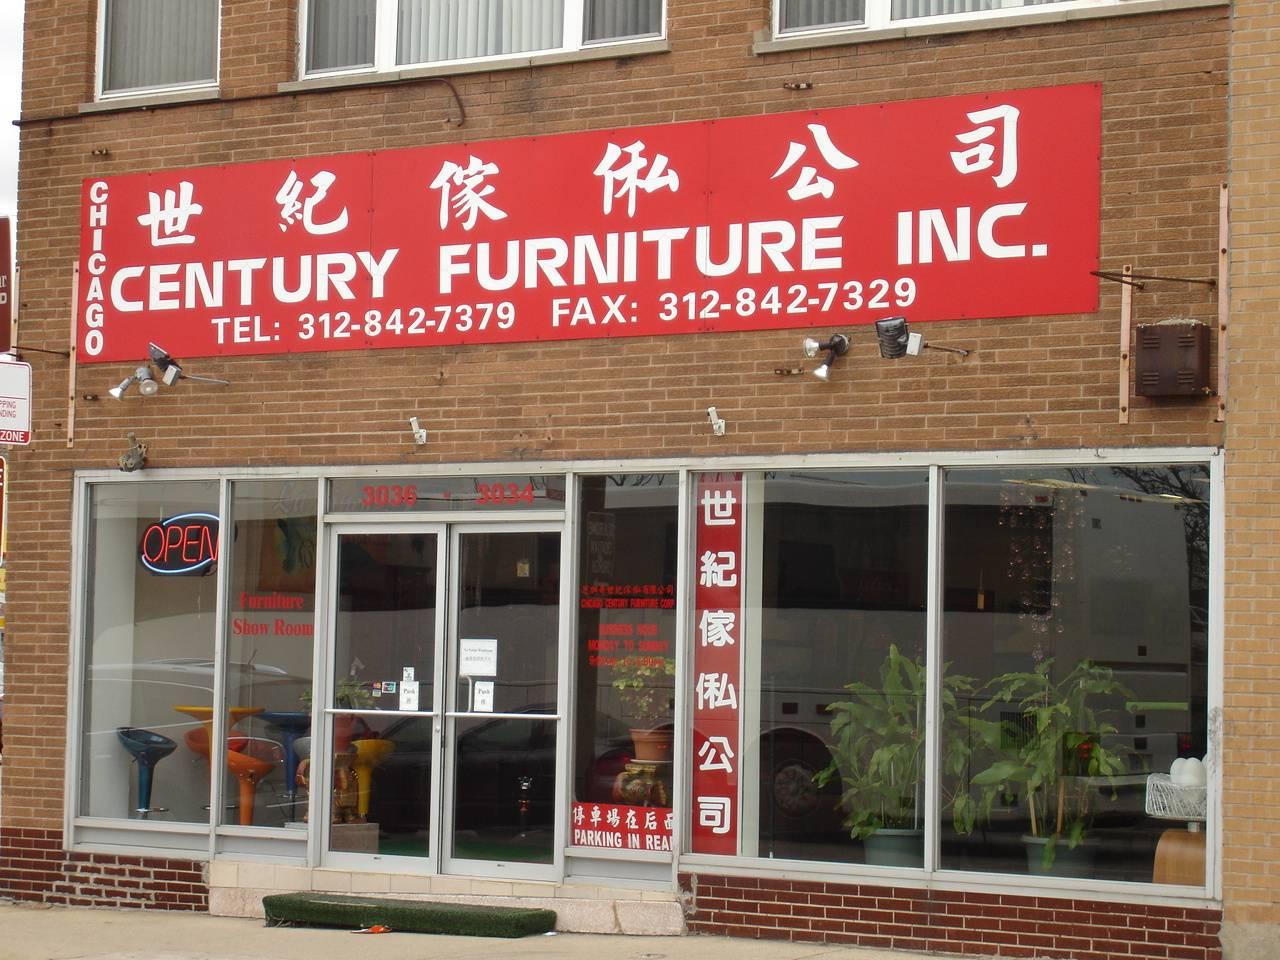 世纪家俬 Chicago Century Furniture, 3034 S Wentworth Ave, Chicago, IL, 60616, United States